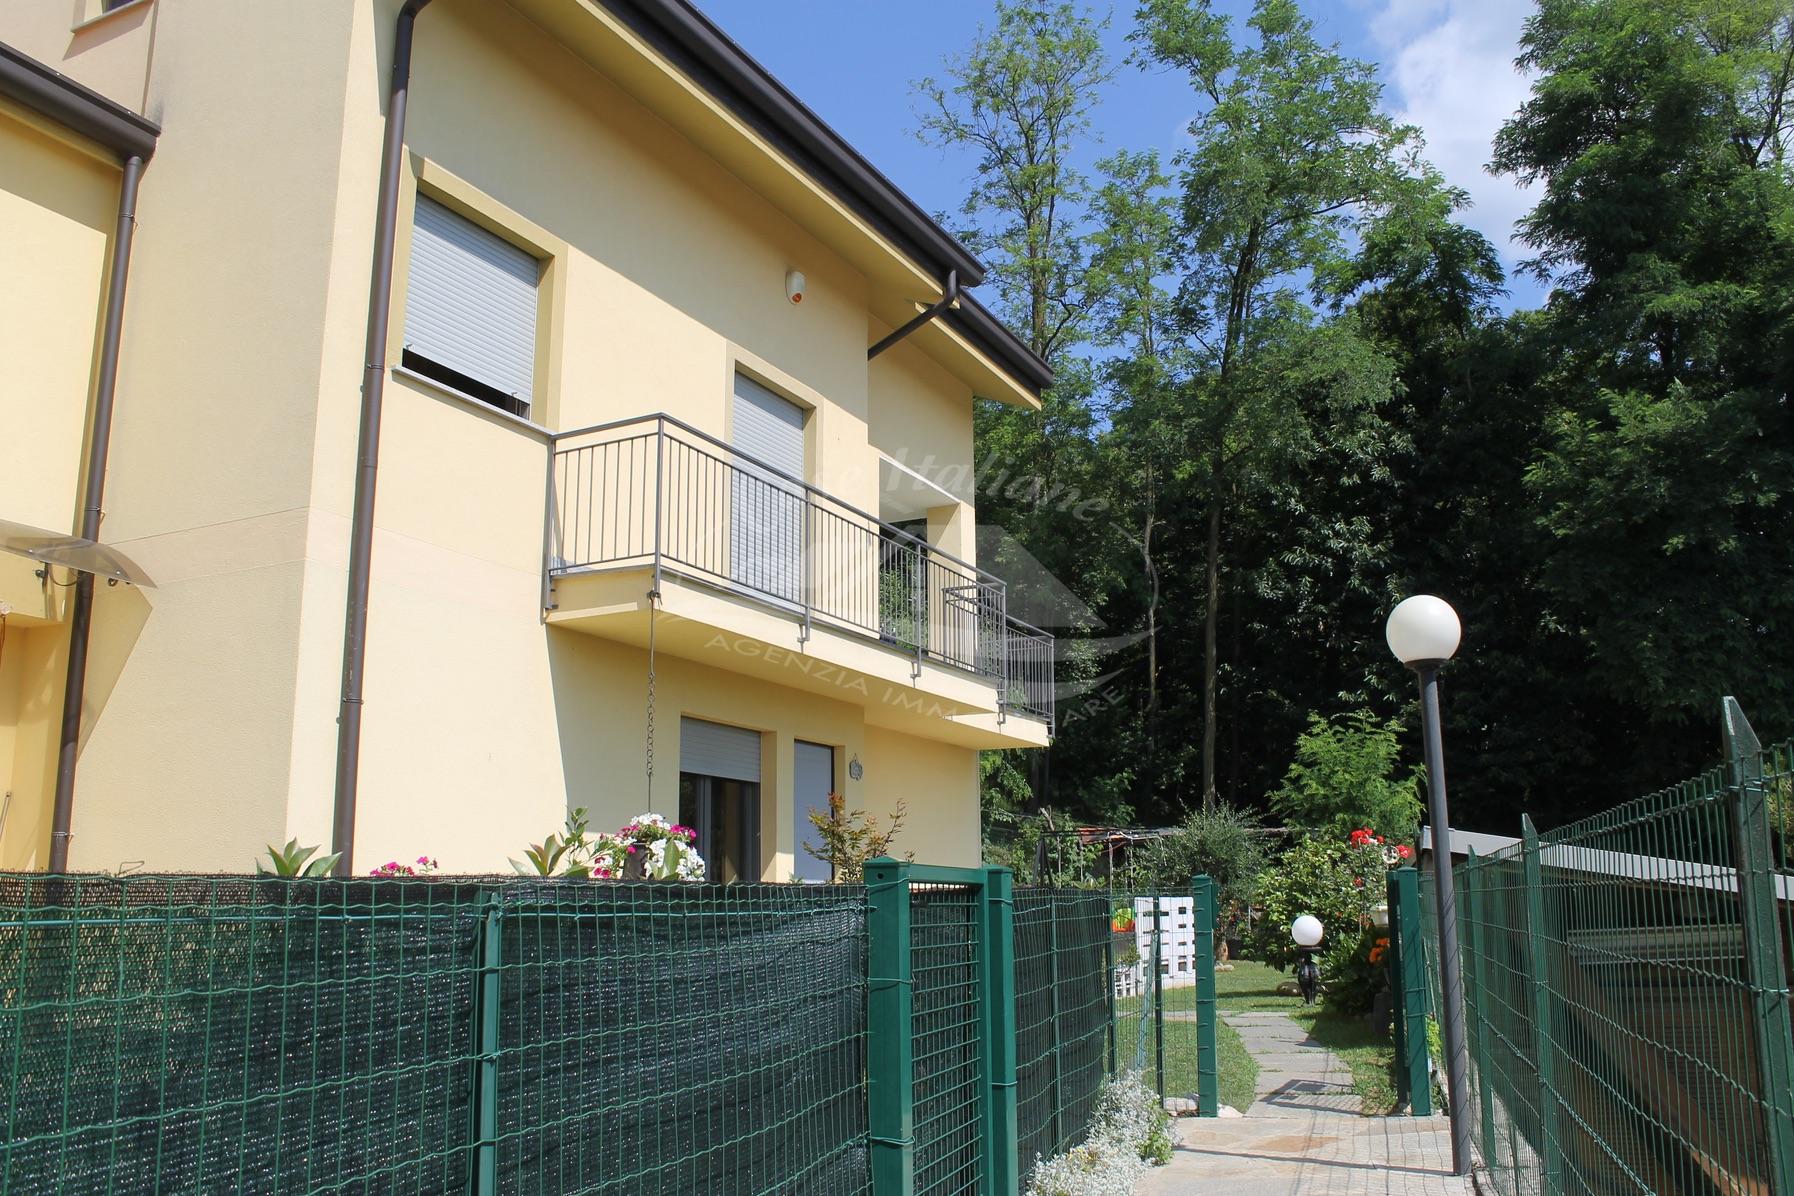 Villetta a schiera di testa con giardino privato a Cantu'